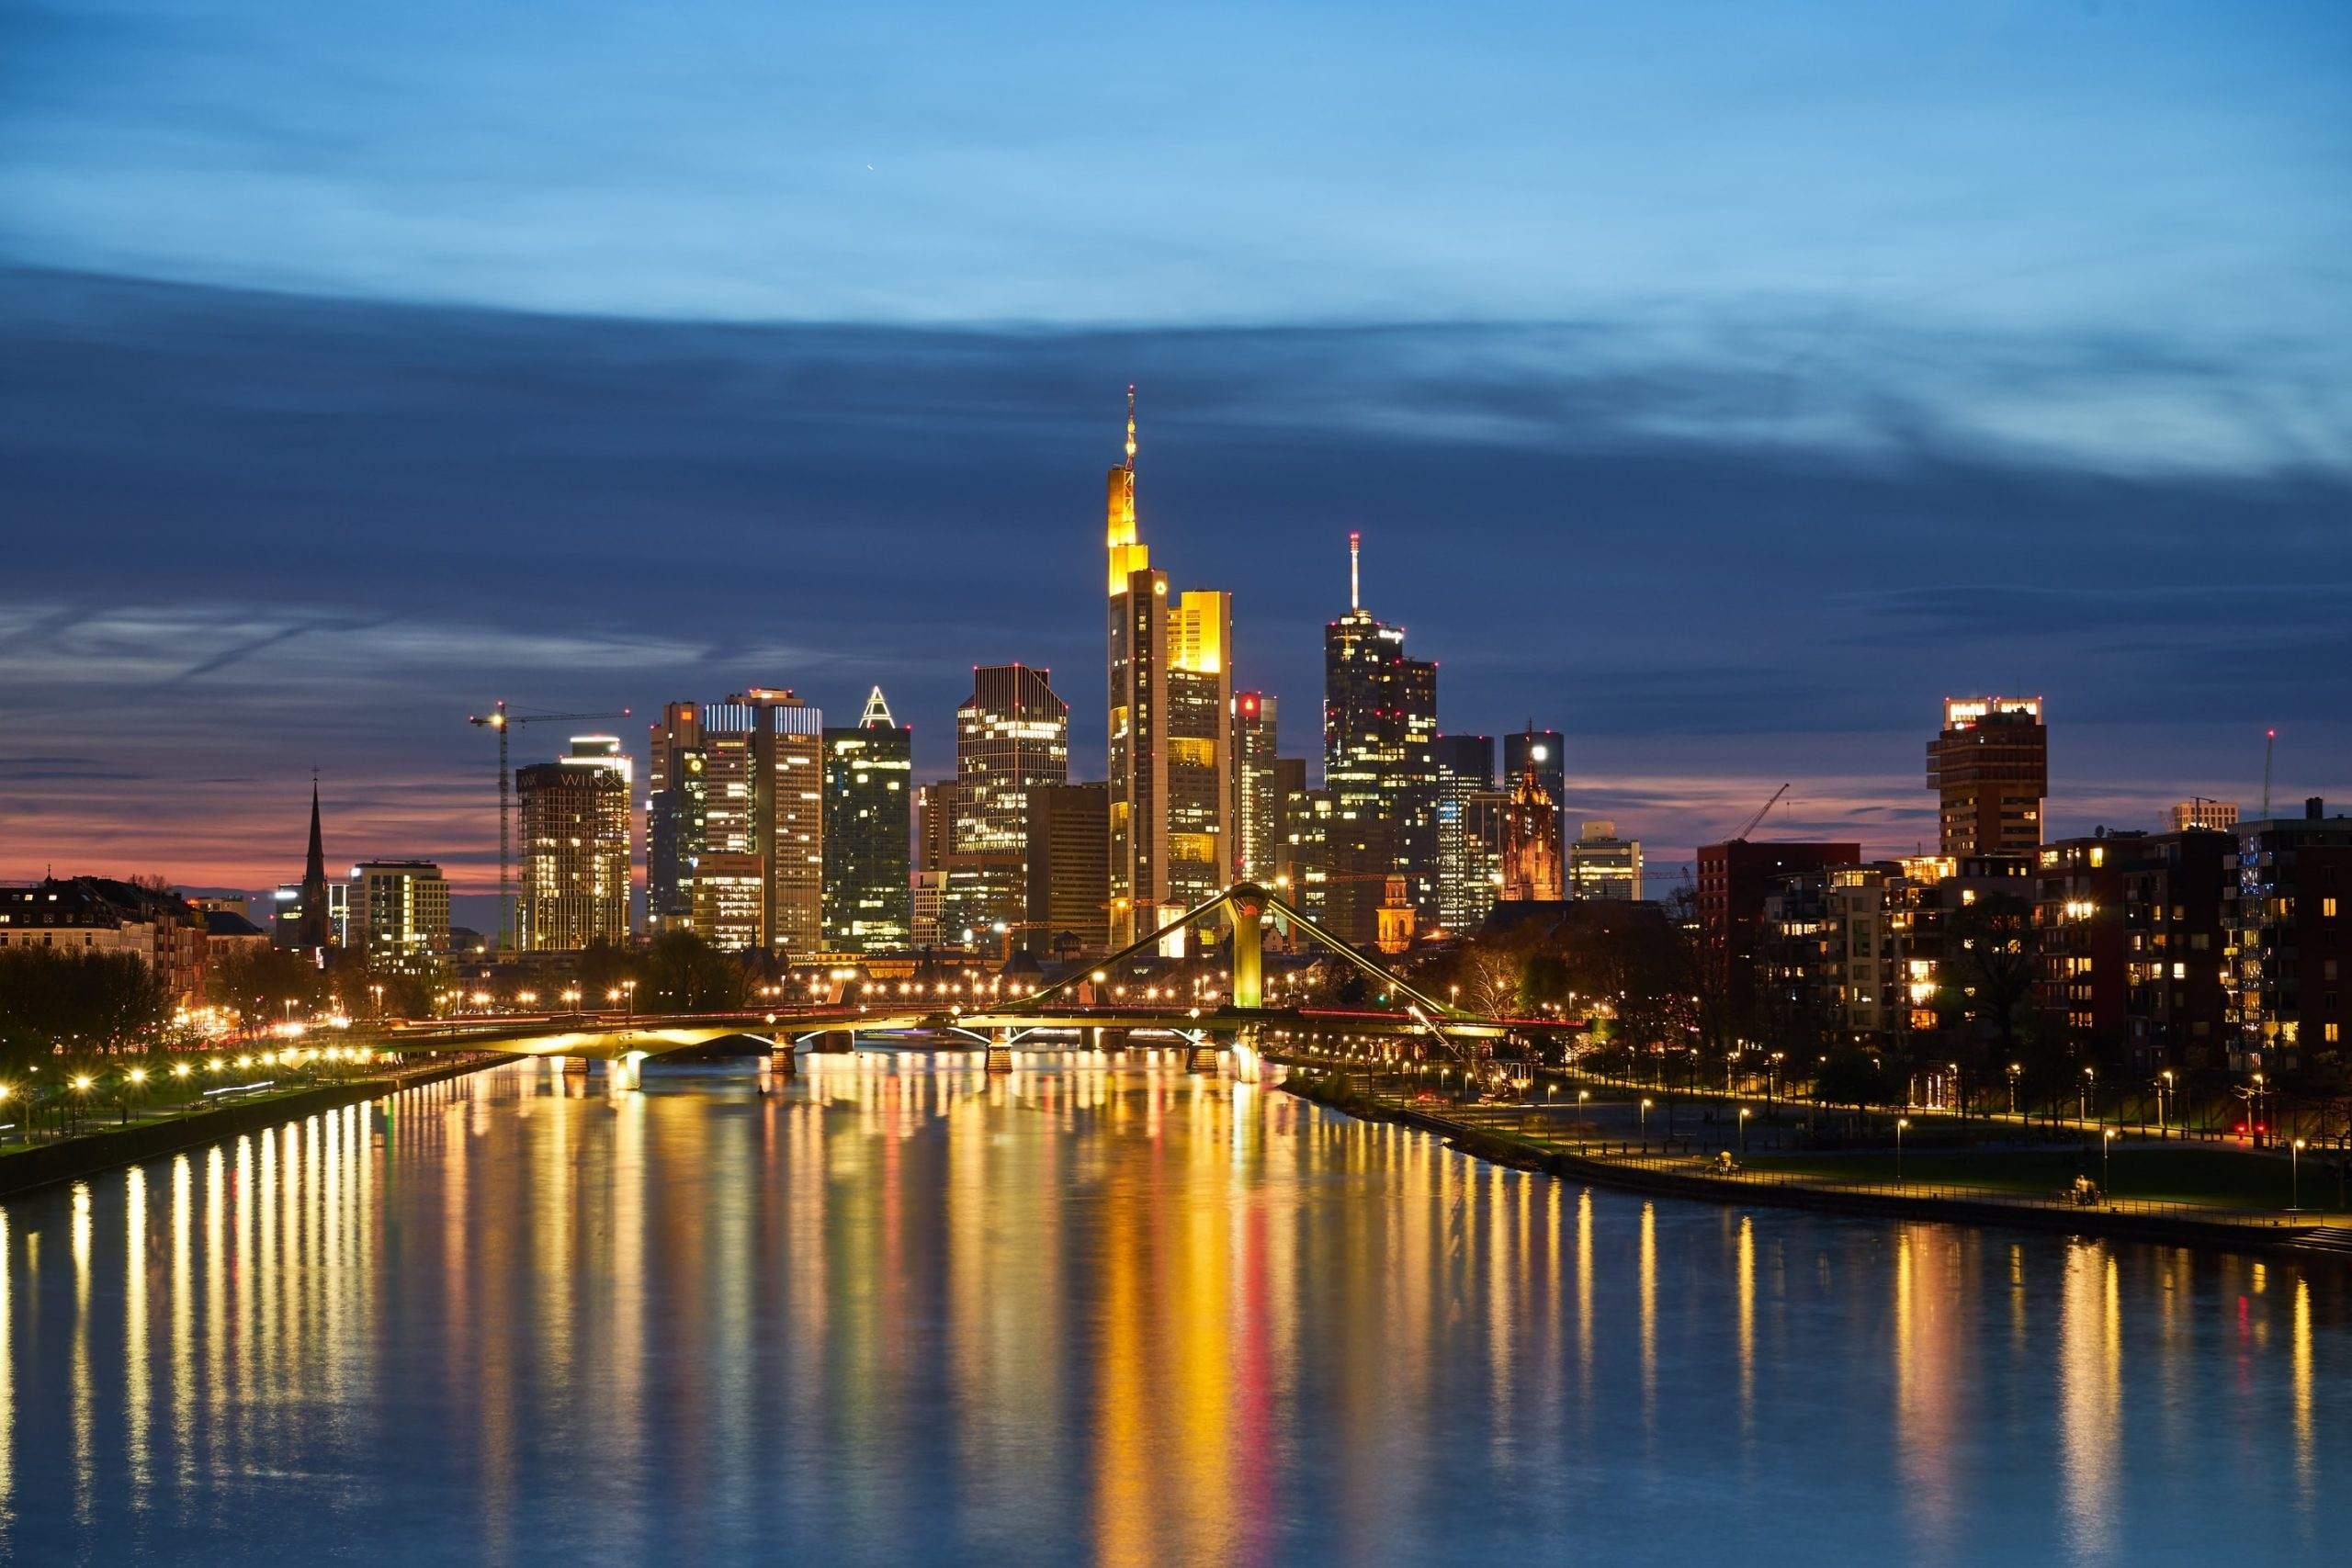 Bankentürme in Frankfurt - Deutsche Bank mit Prognosen für 2020